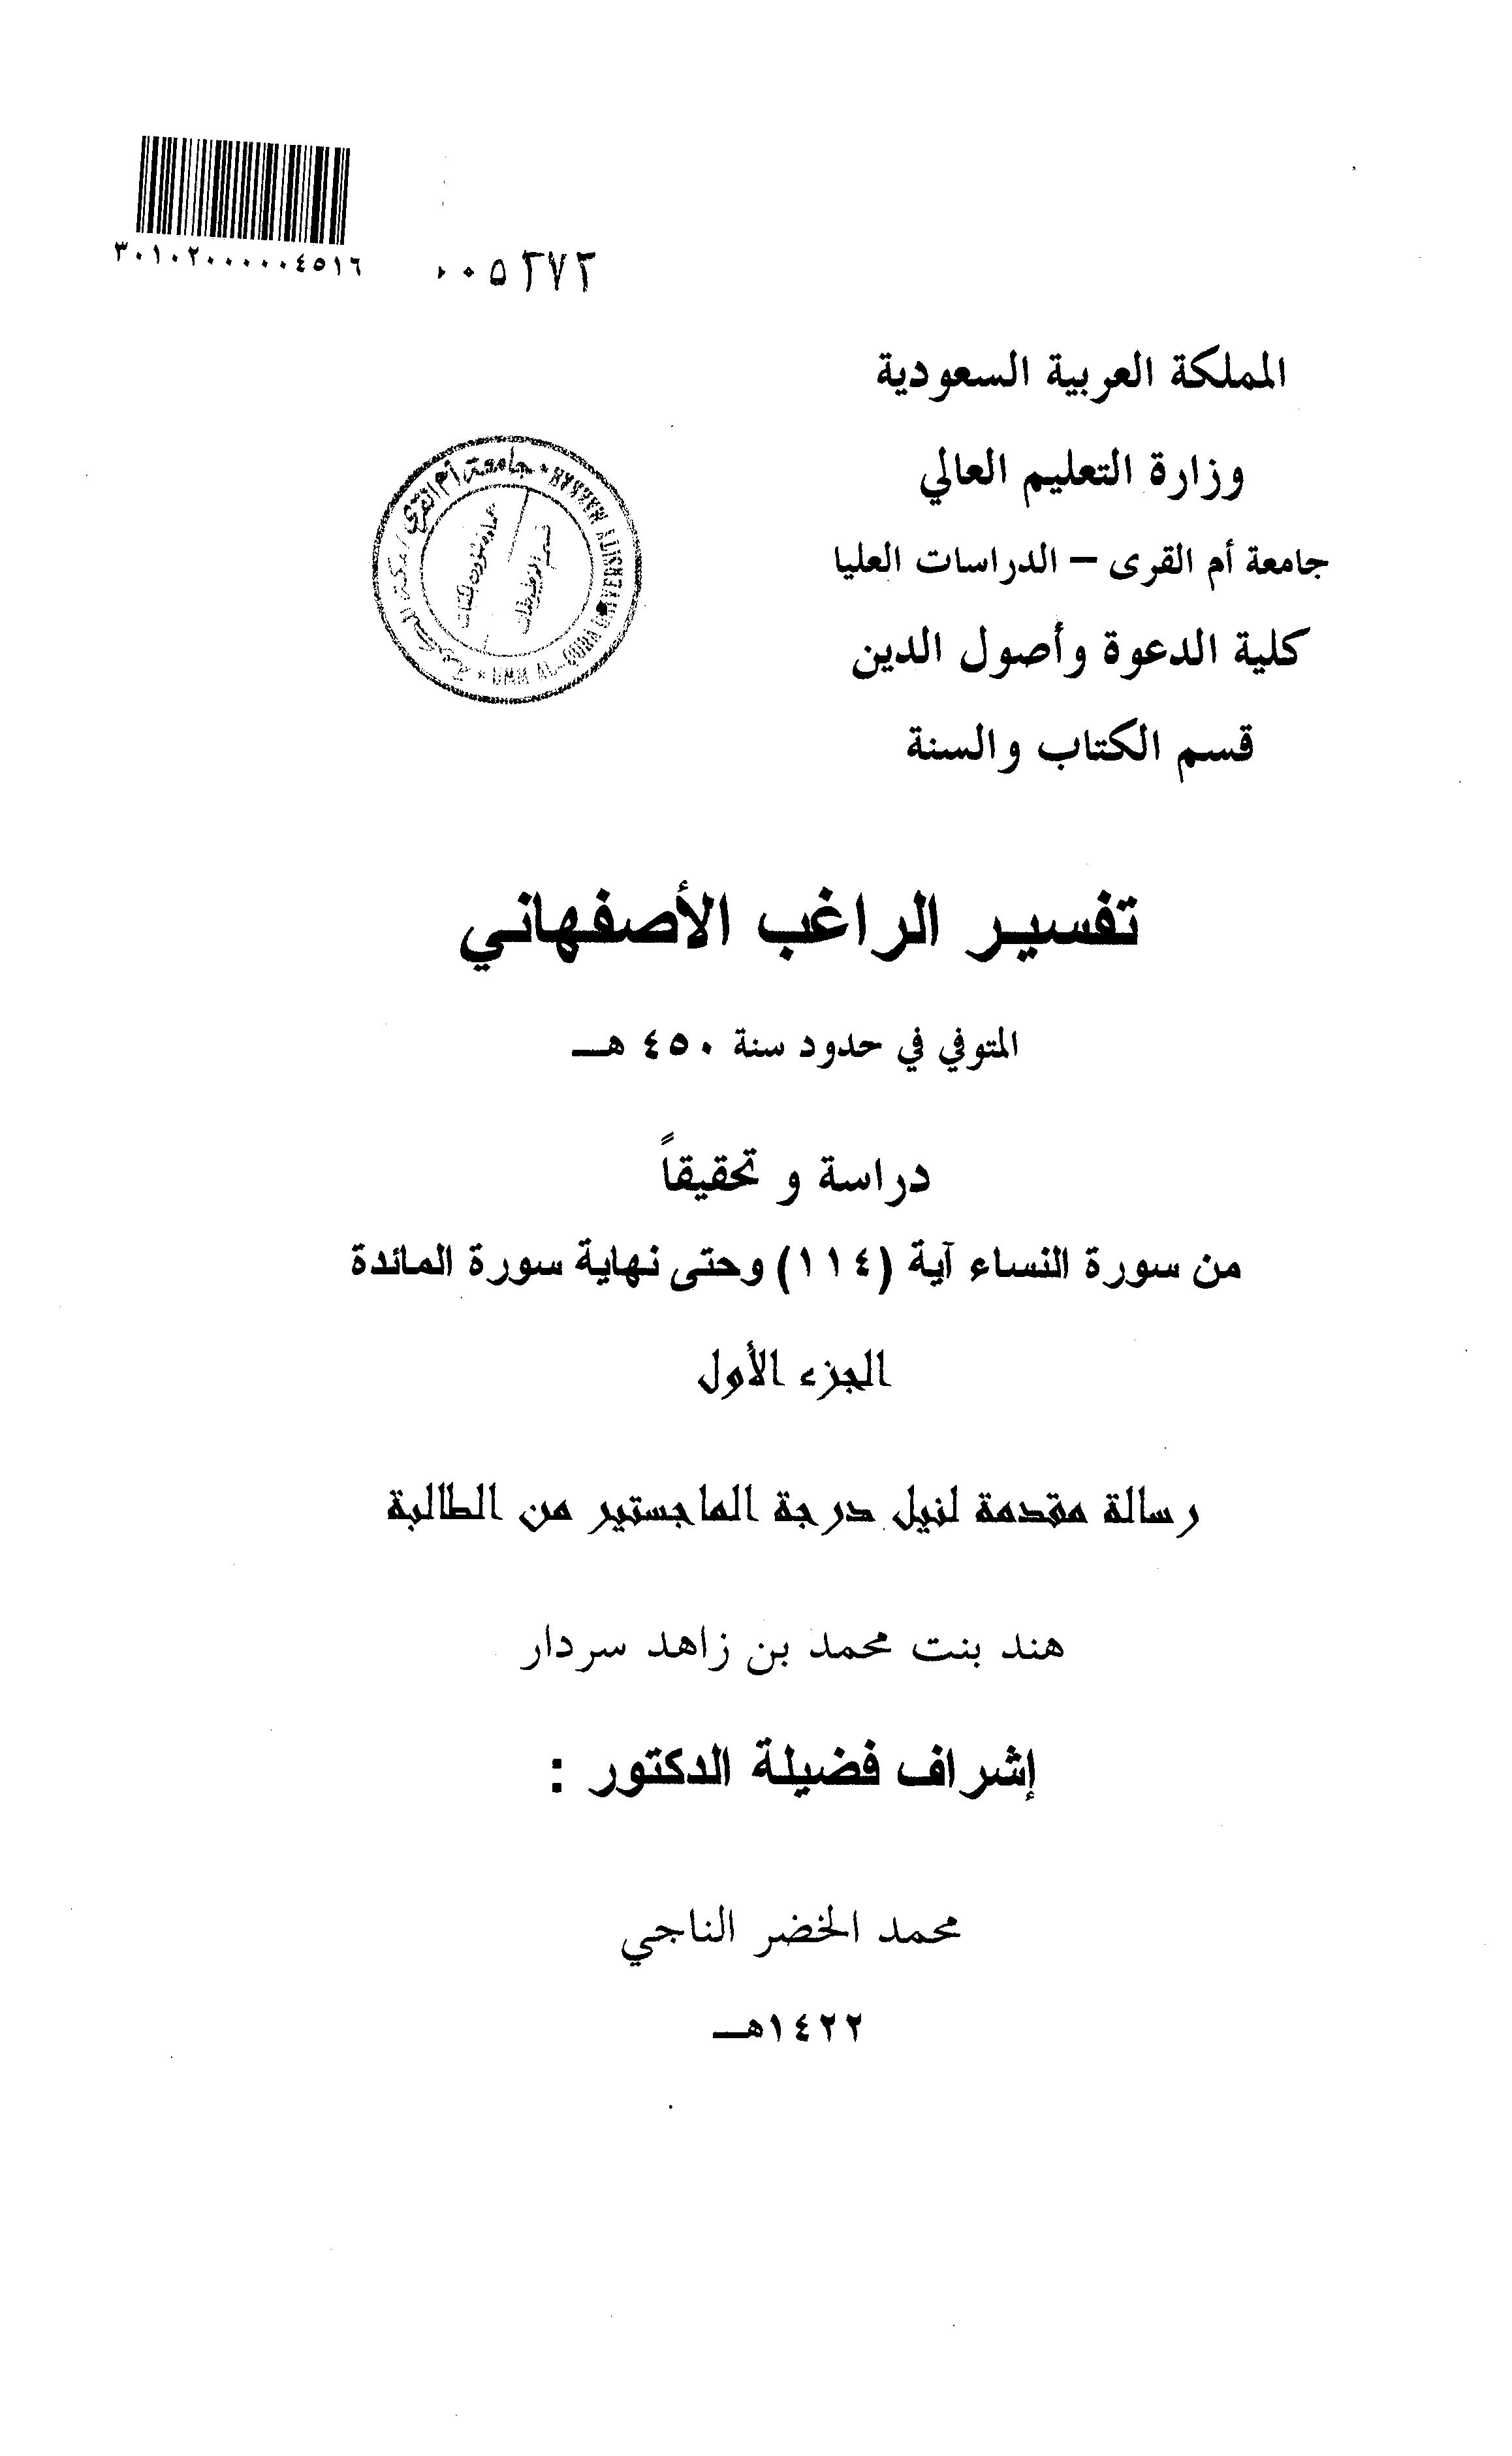 تحميل كتاب تفسير الراغب الأصفهاني دراسةً وتحقيقًا (من سورة النساء آية 114 وحتى نهاية سورة المائدة) لـِ: الإمام أبو القاسم الحسين بن محمد، المعروف بالراغب الأصفهاني (ت 502)